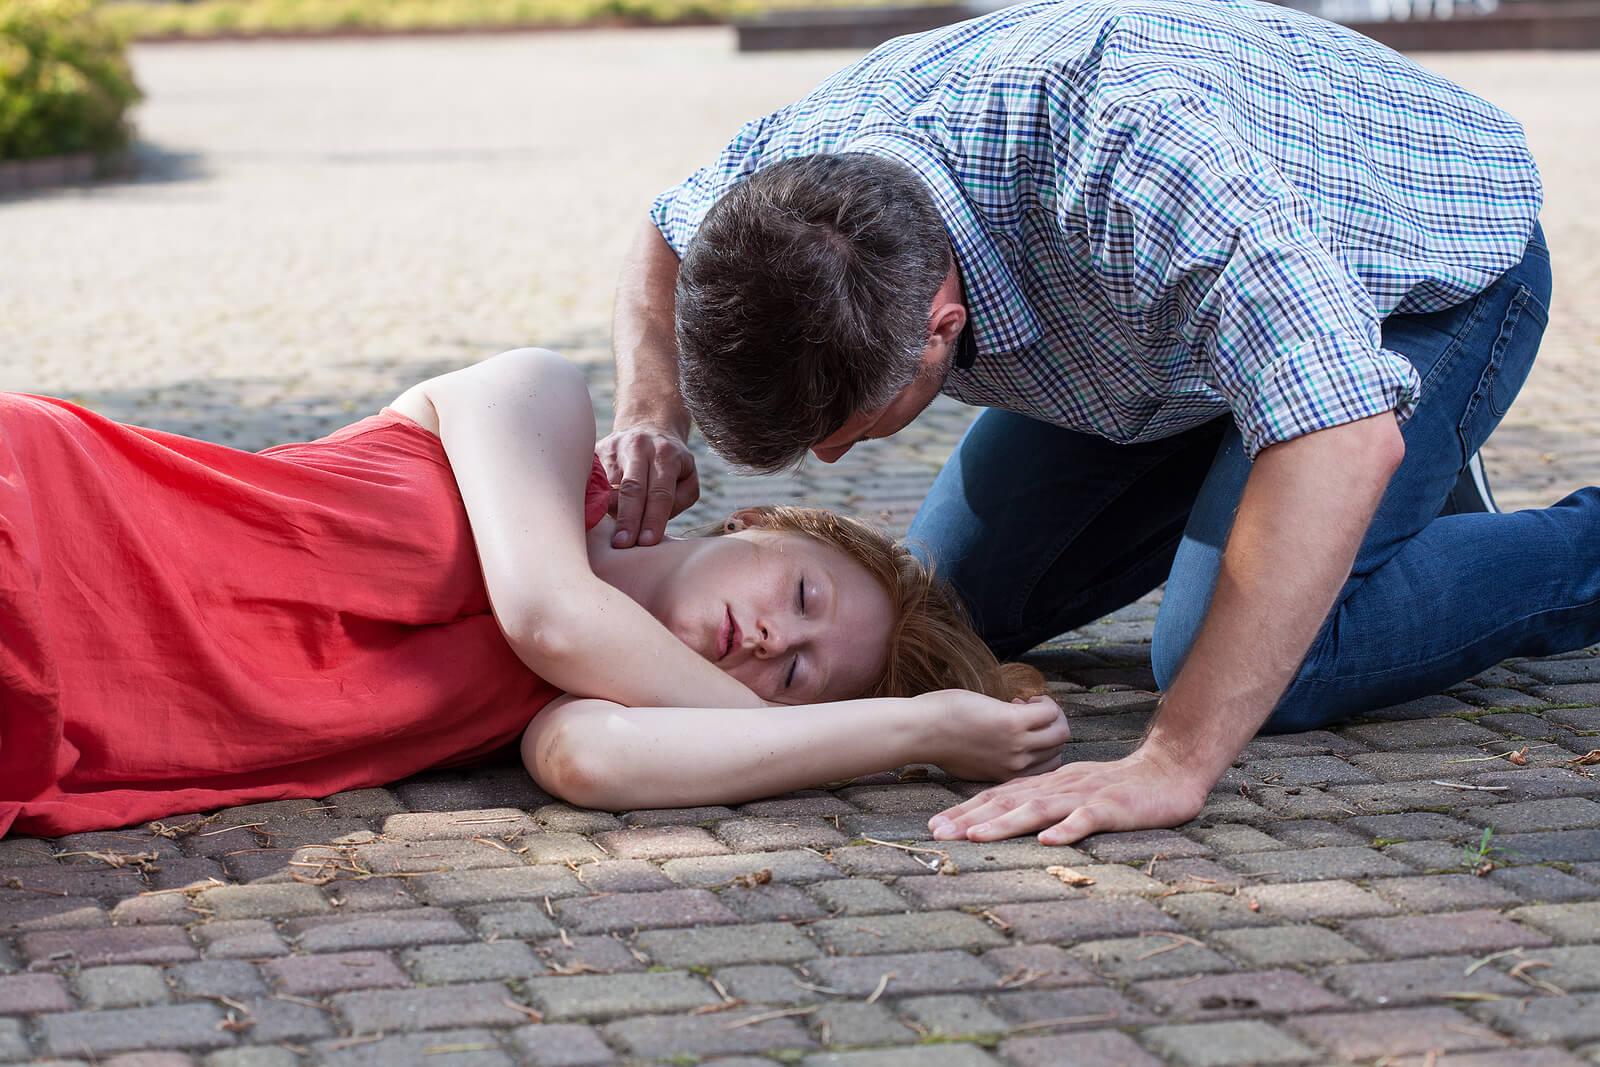 Hombre comprobando pulso de la chica desmayada en la calle.